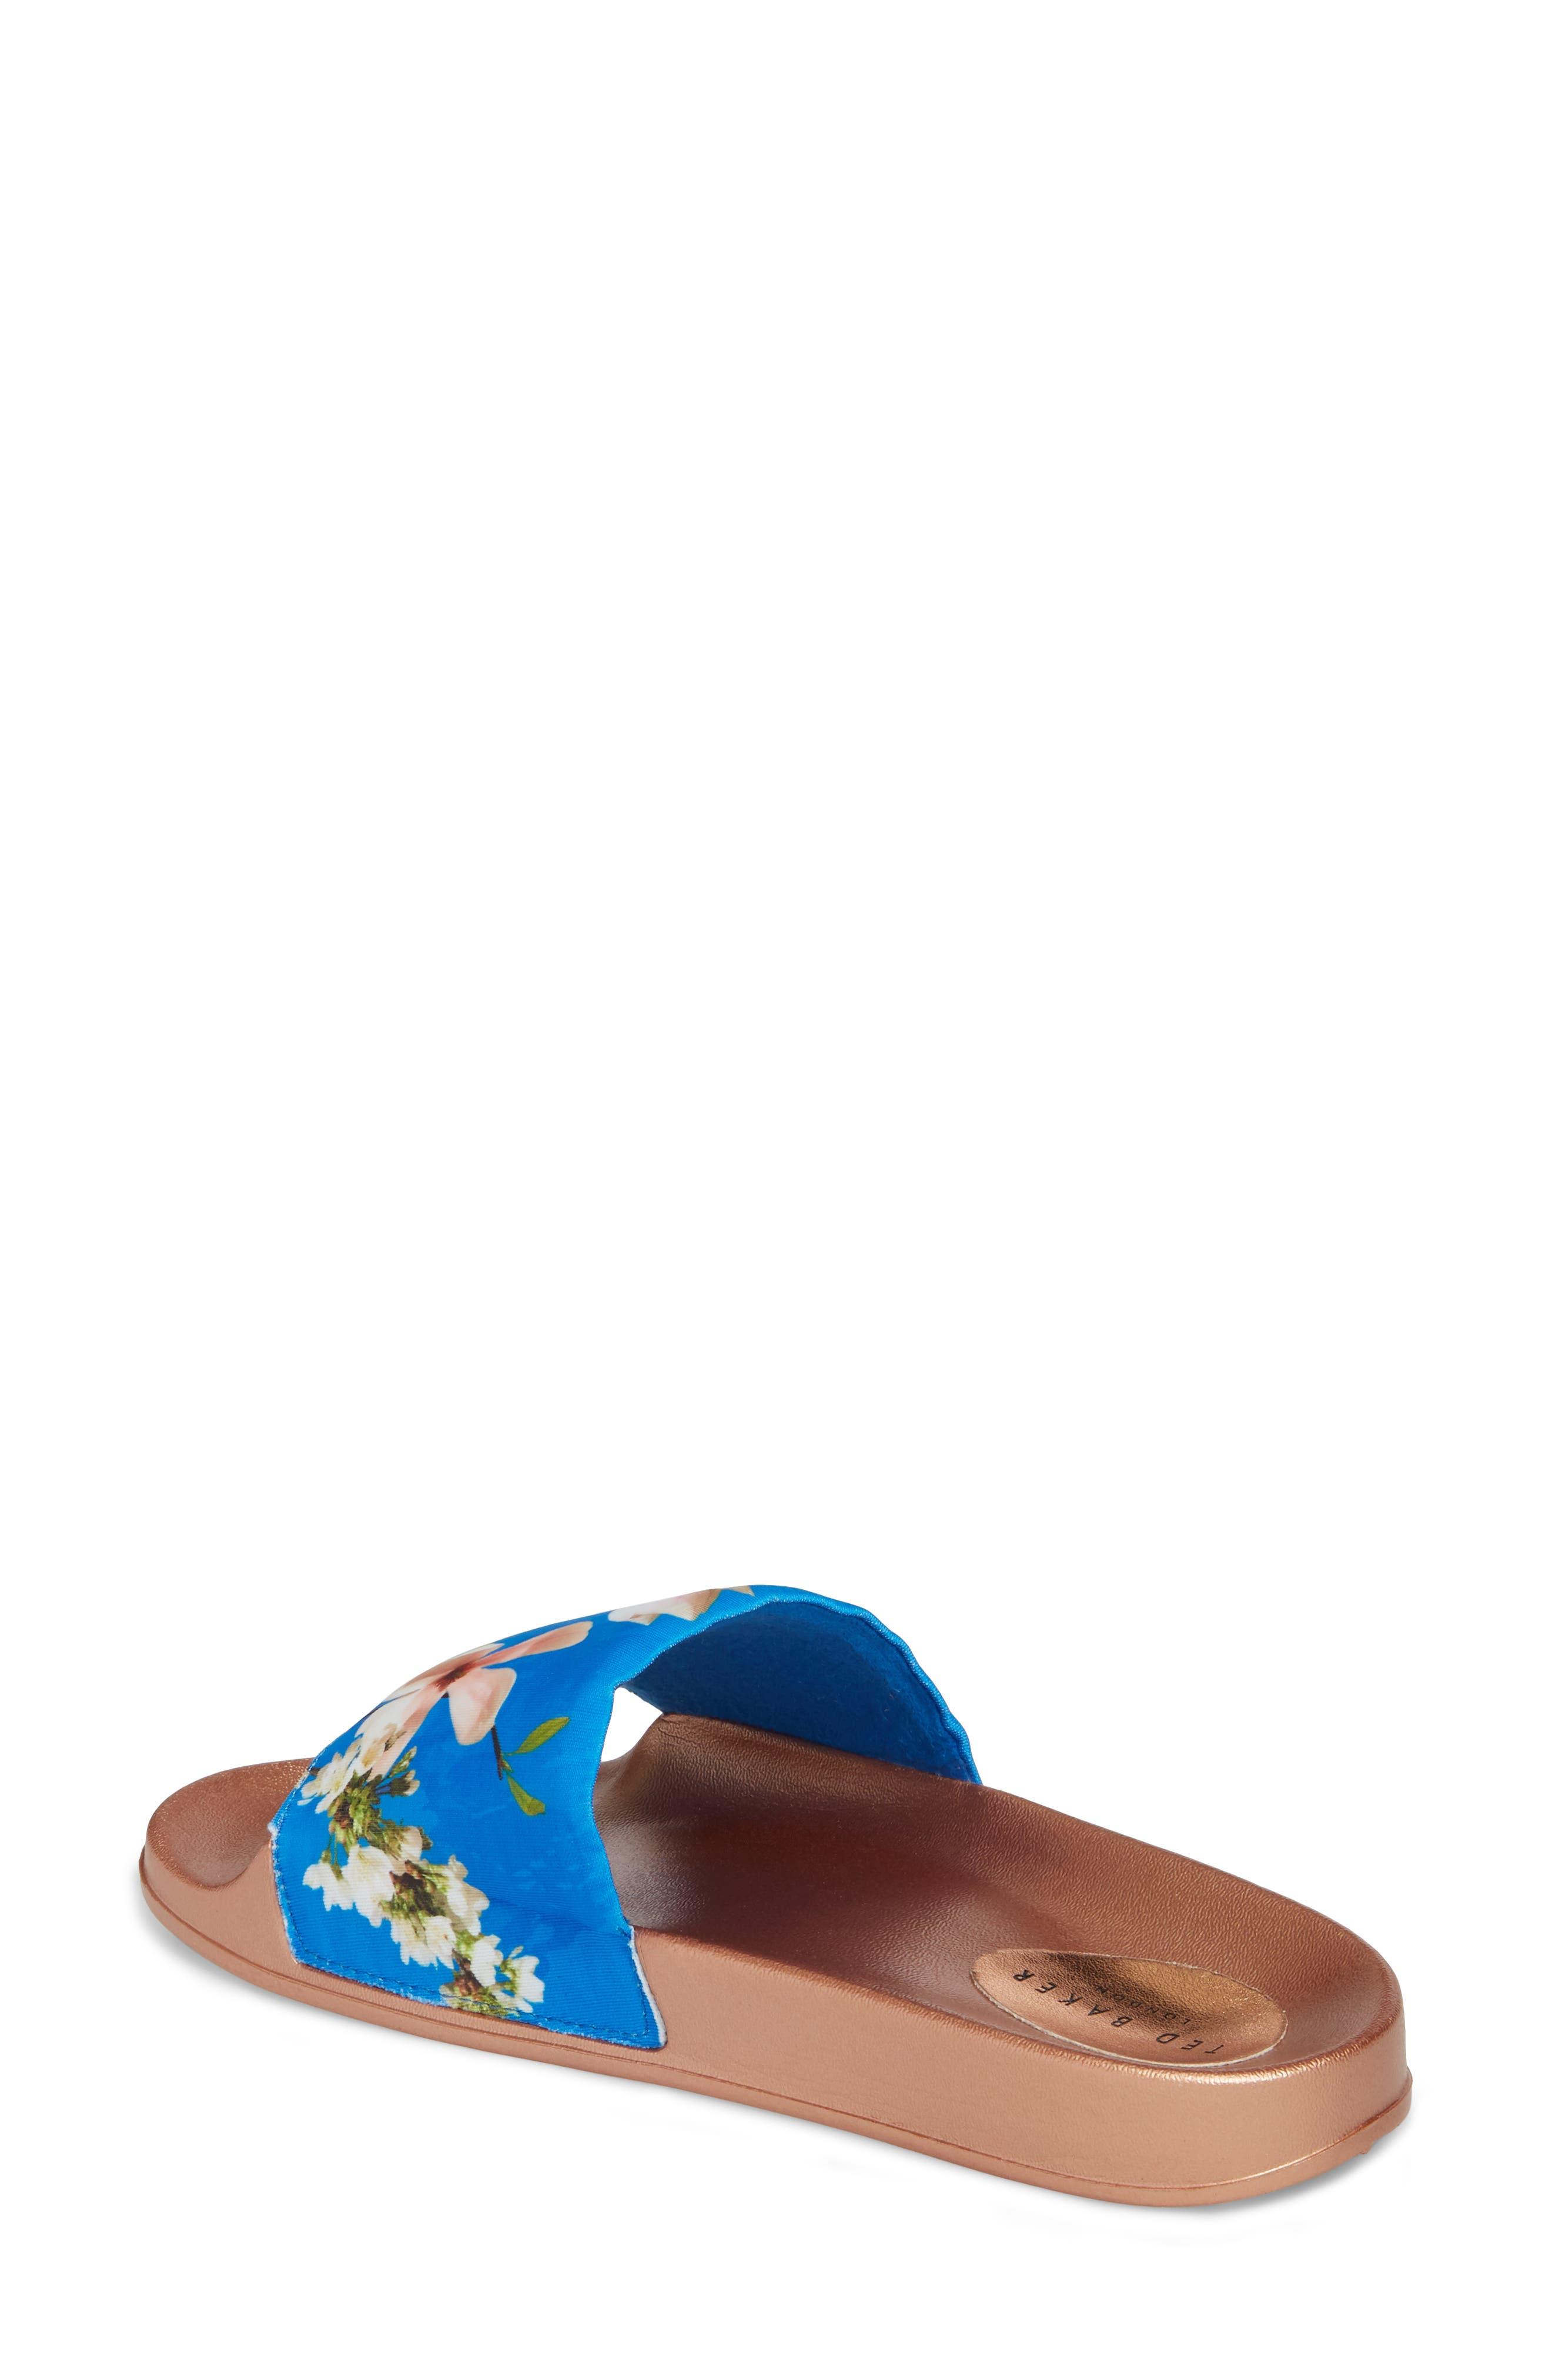 Avelinn Slide Sandal,                             Alternate thumbnail 2, color,                             BLUE FABRIC